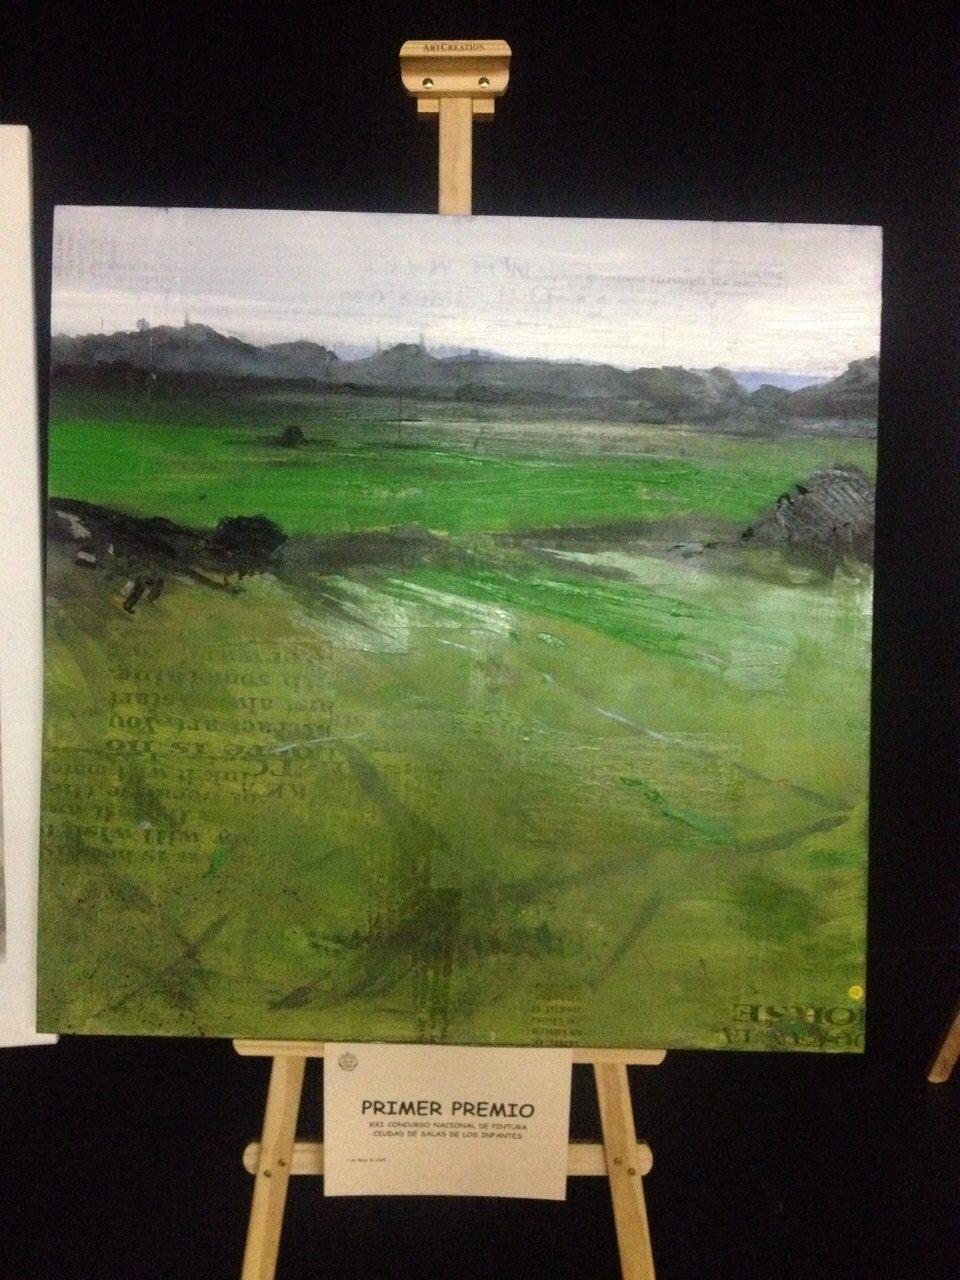 Cuadro ganador del XXI Concurso Nacional de Pintura.